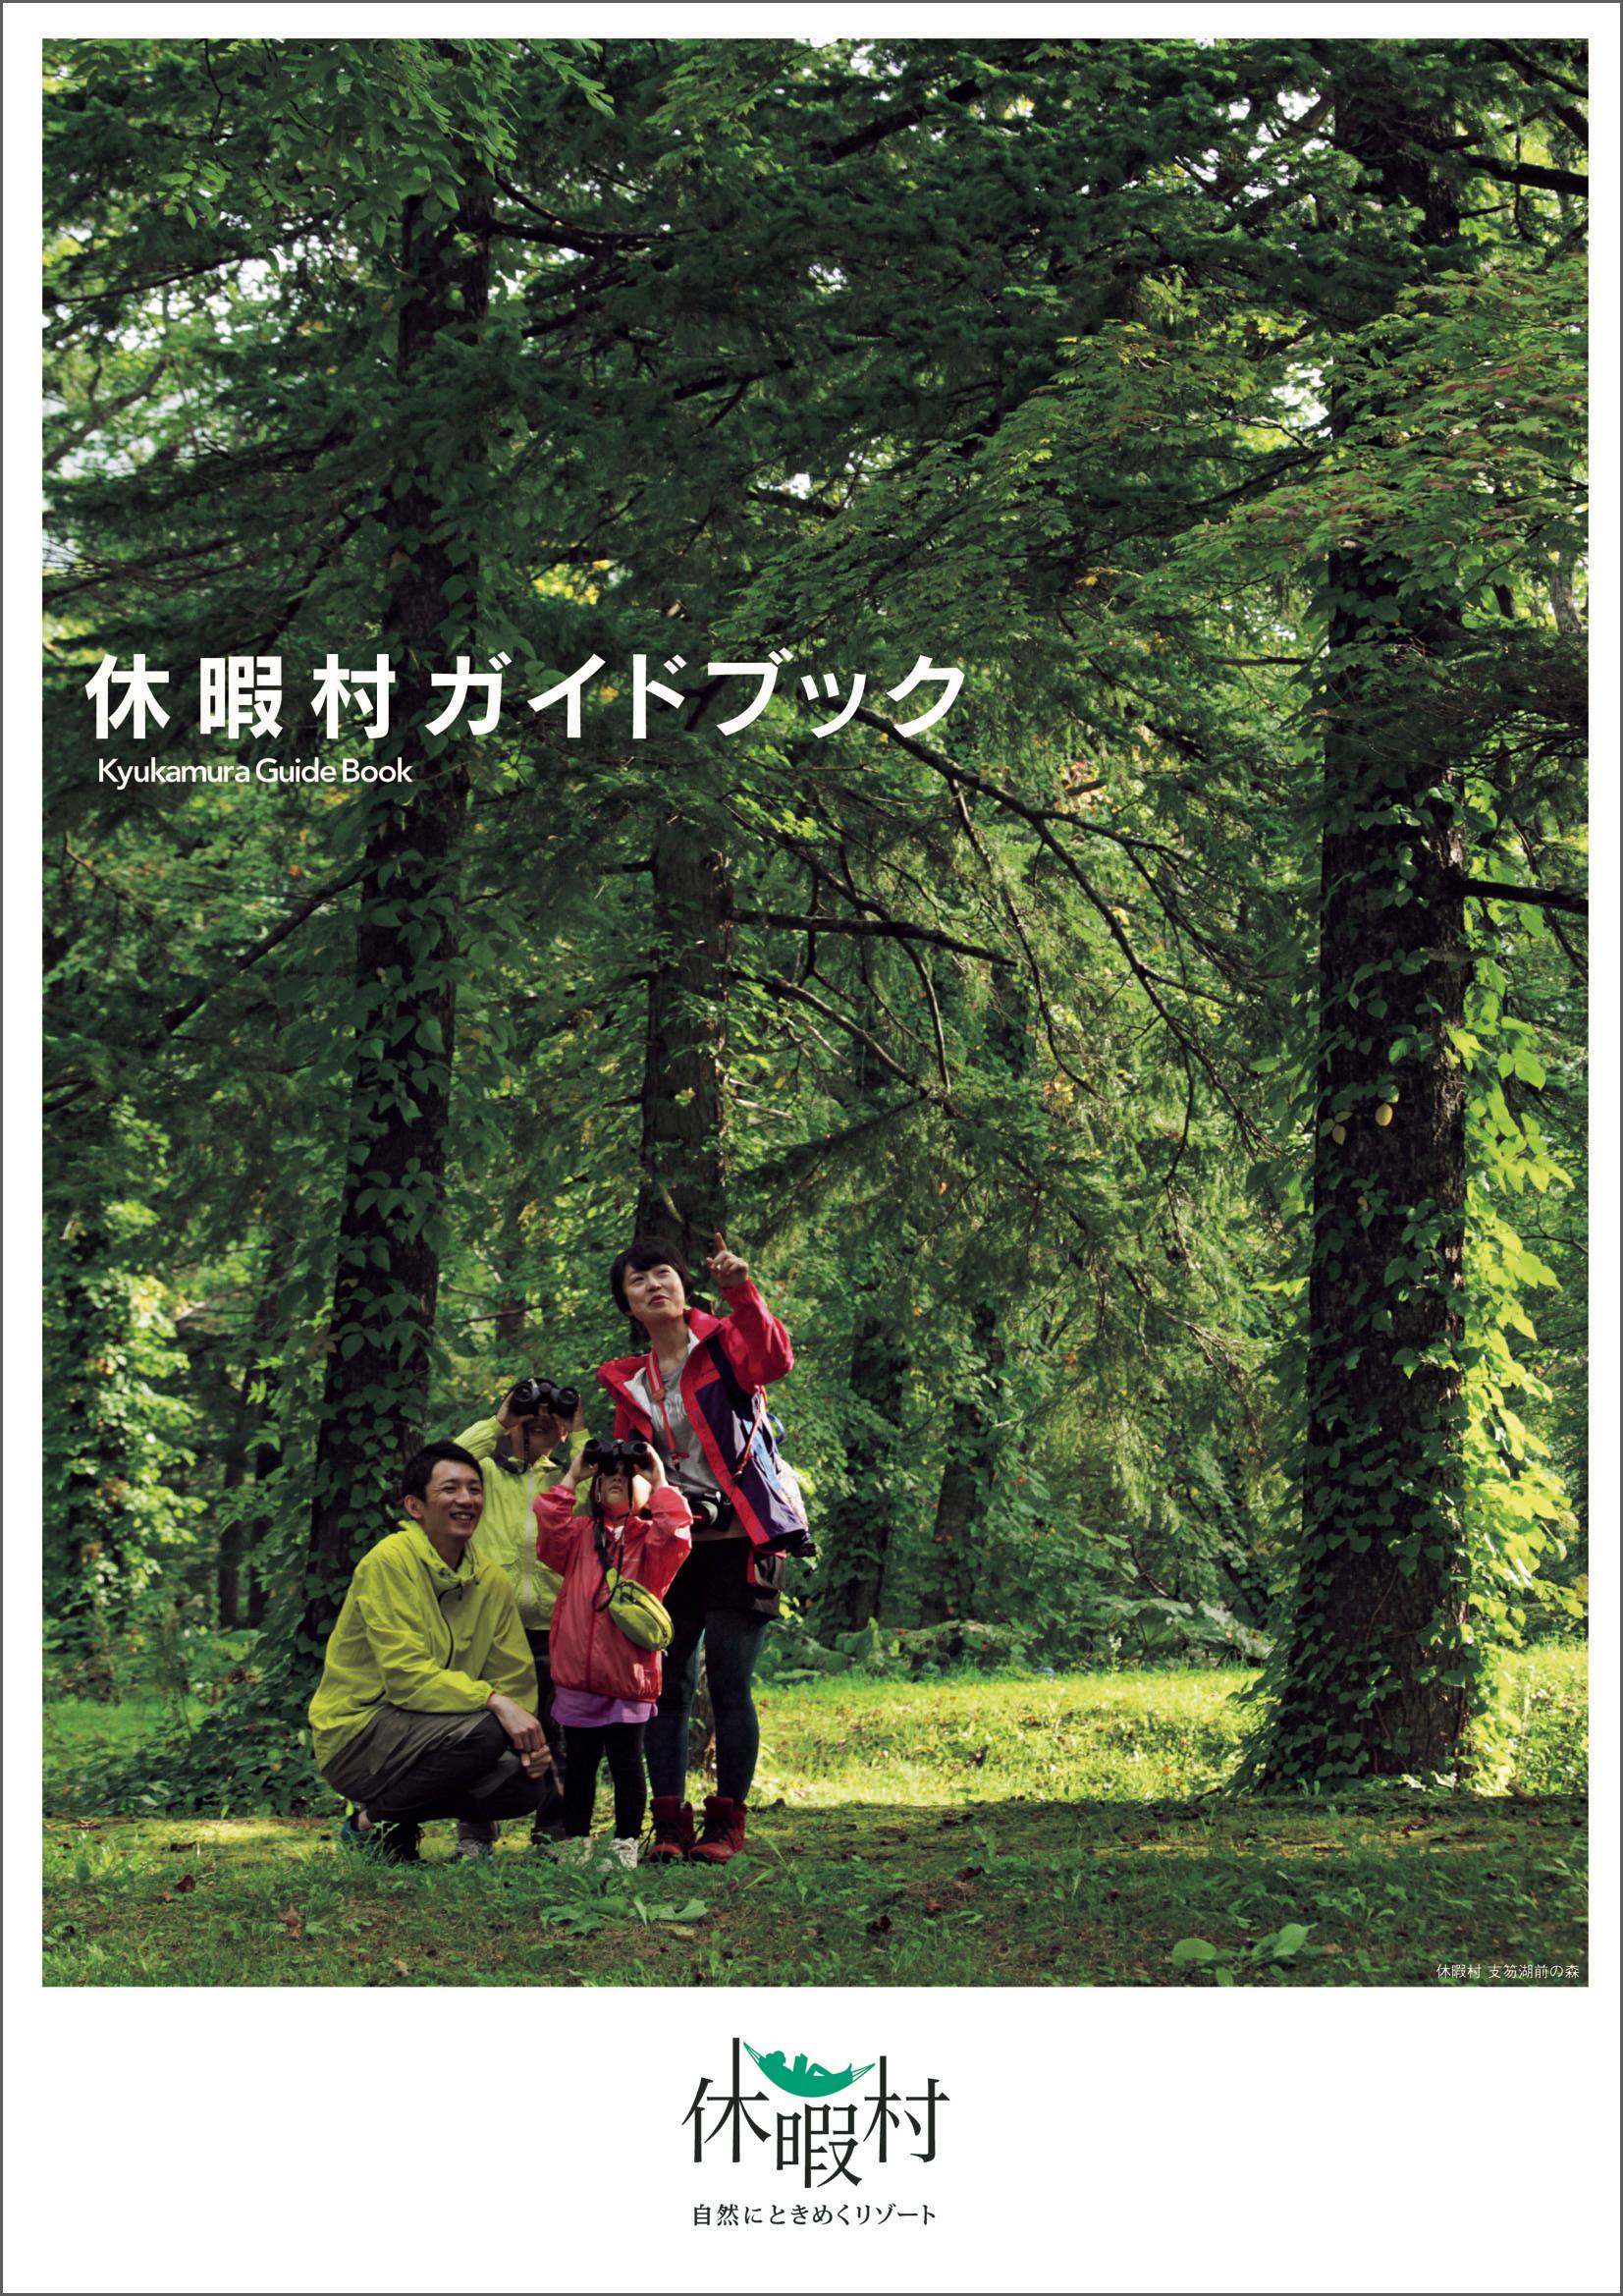 夫婦旅から女子旅、ファミリー旅まで1冊で解決!国立・国定公園に展開する37のリゾートホテル「休暇村」のガイドブックが発行